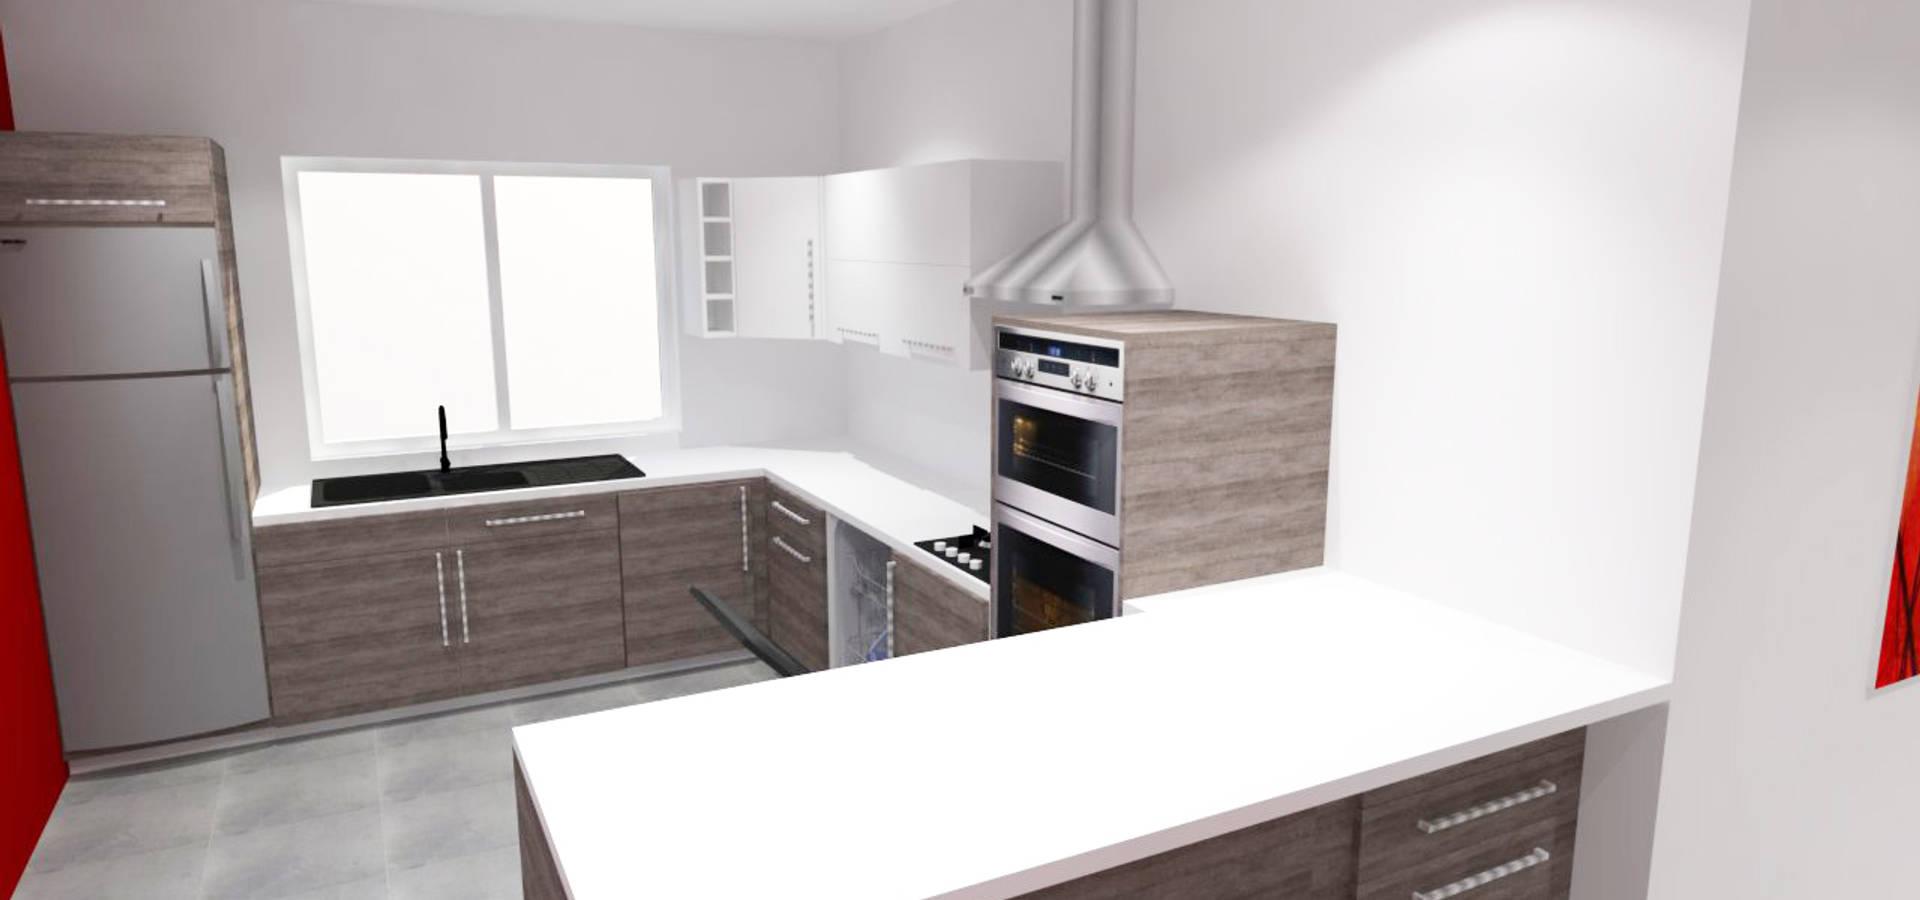 R novation d 39 une cuisine et ouverture sur le s jour por for Ouverture cuisine sur sejour